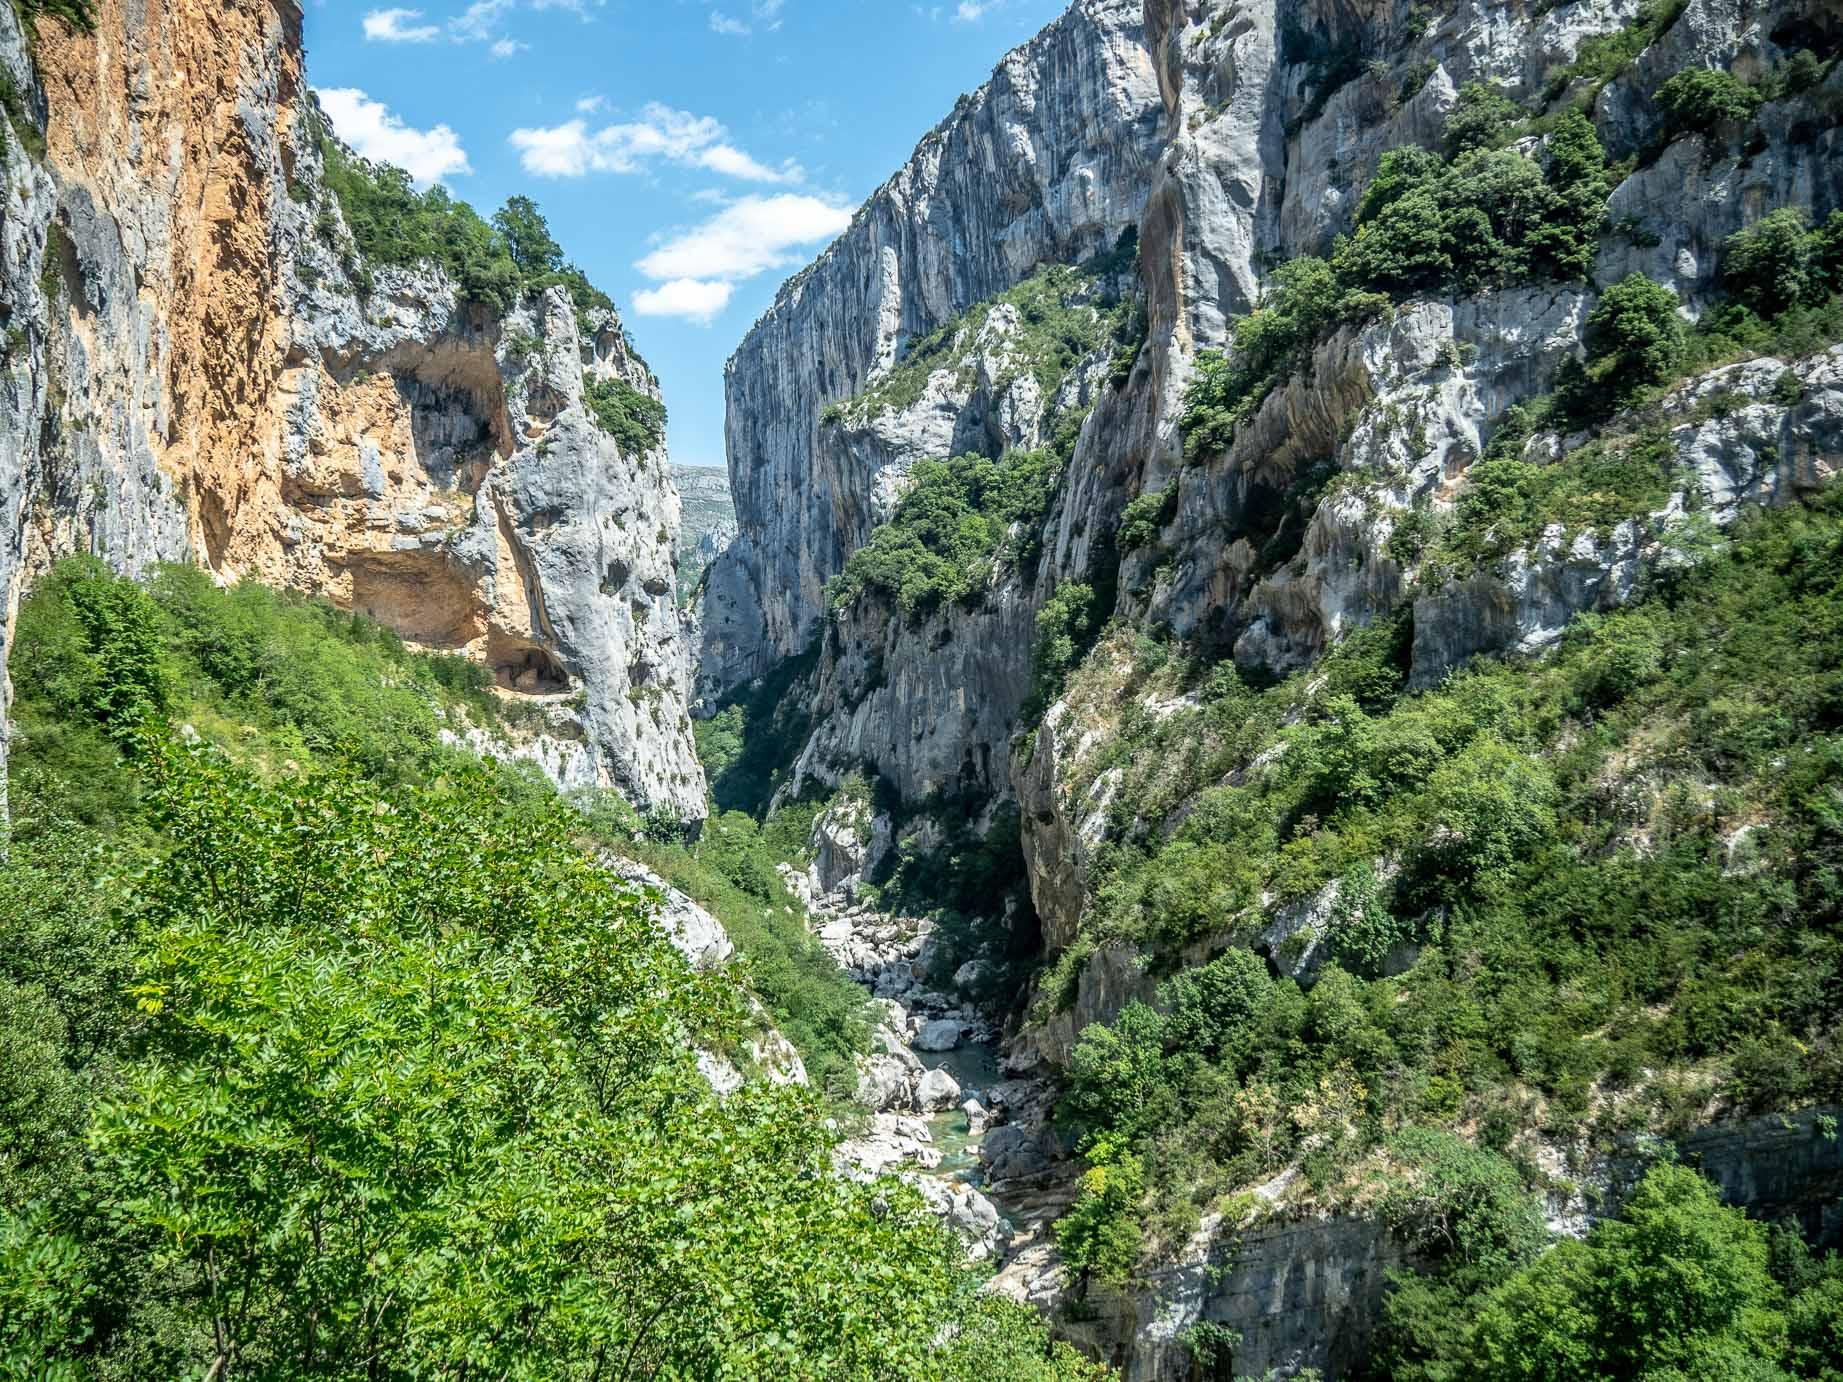 Le couloir Samson dans les gorges du Verdon en France